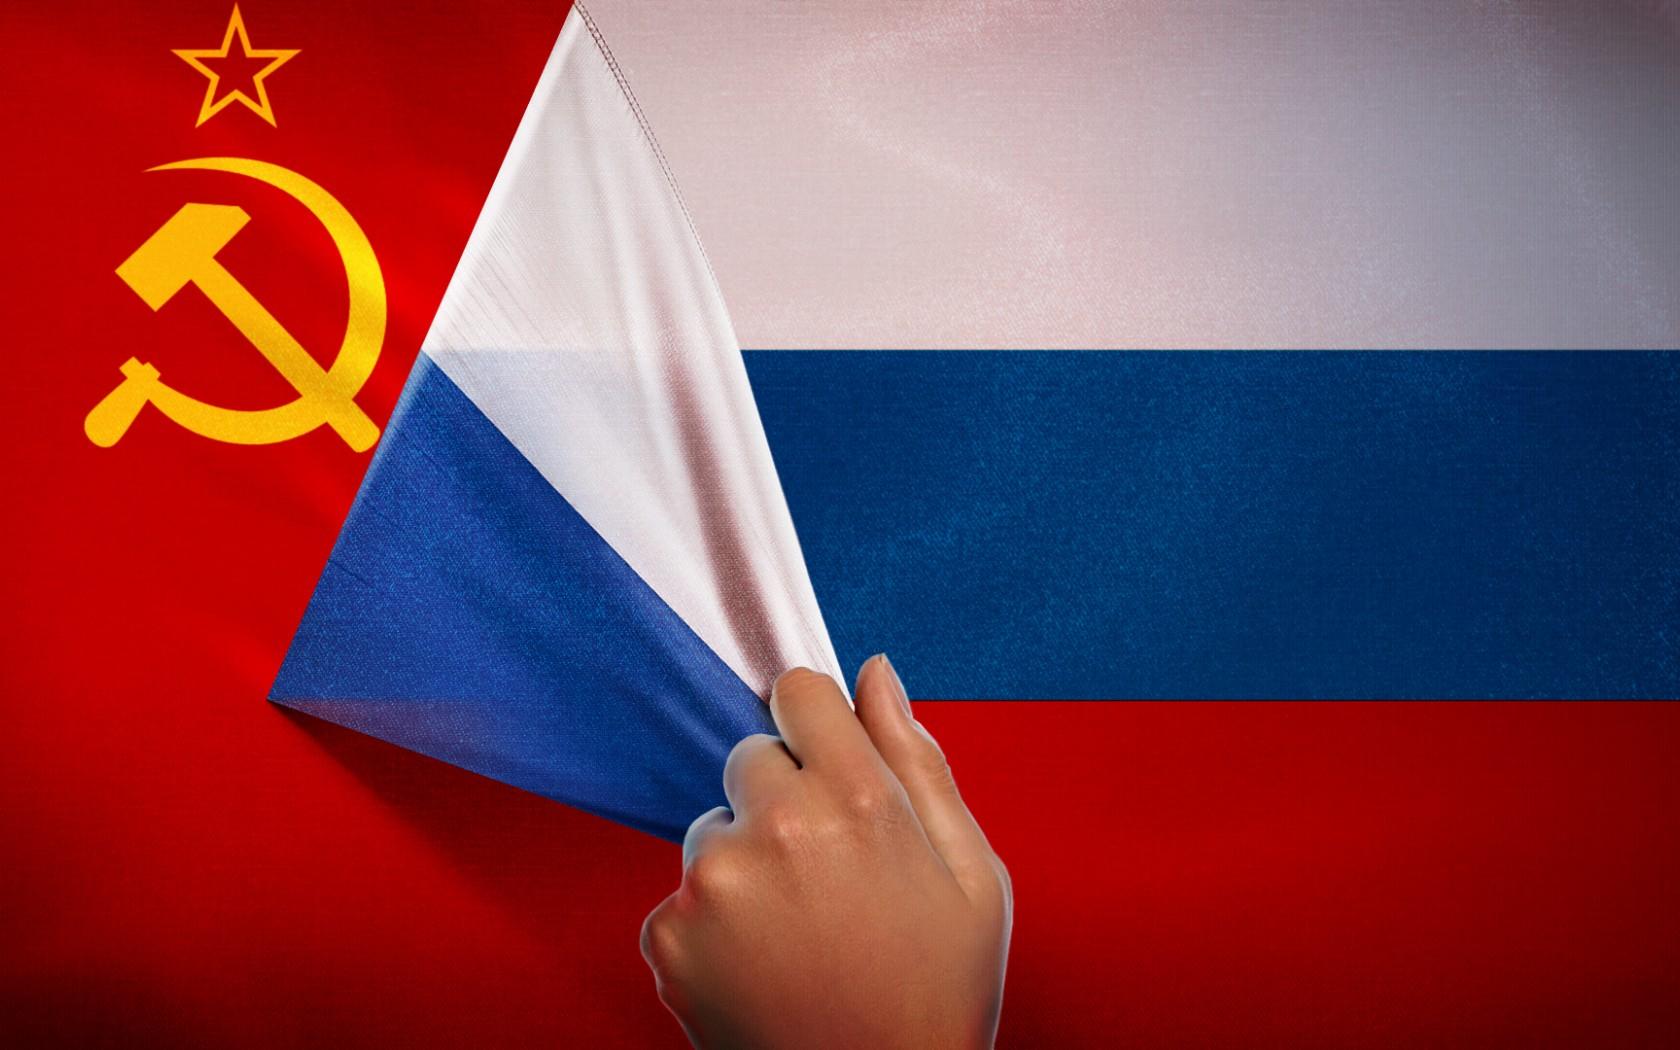 GAFE: Planalto erra ao chamar Rússia de República Socialista Soviética